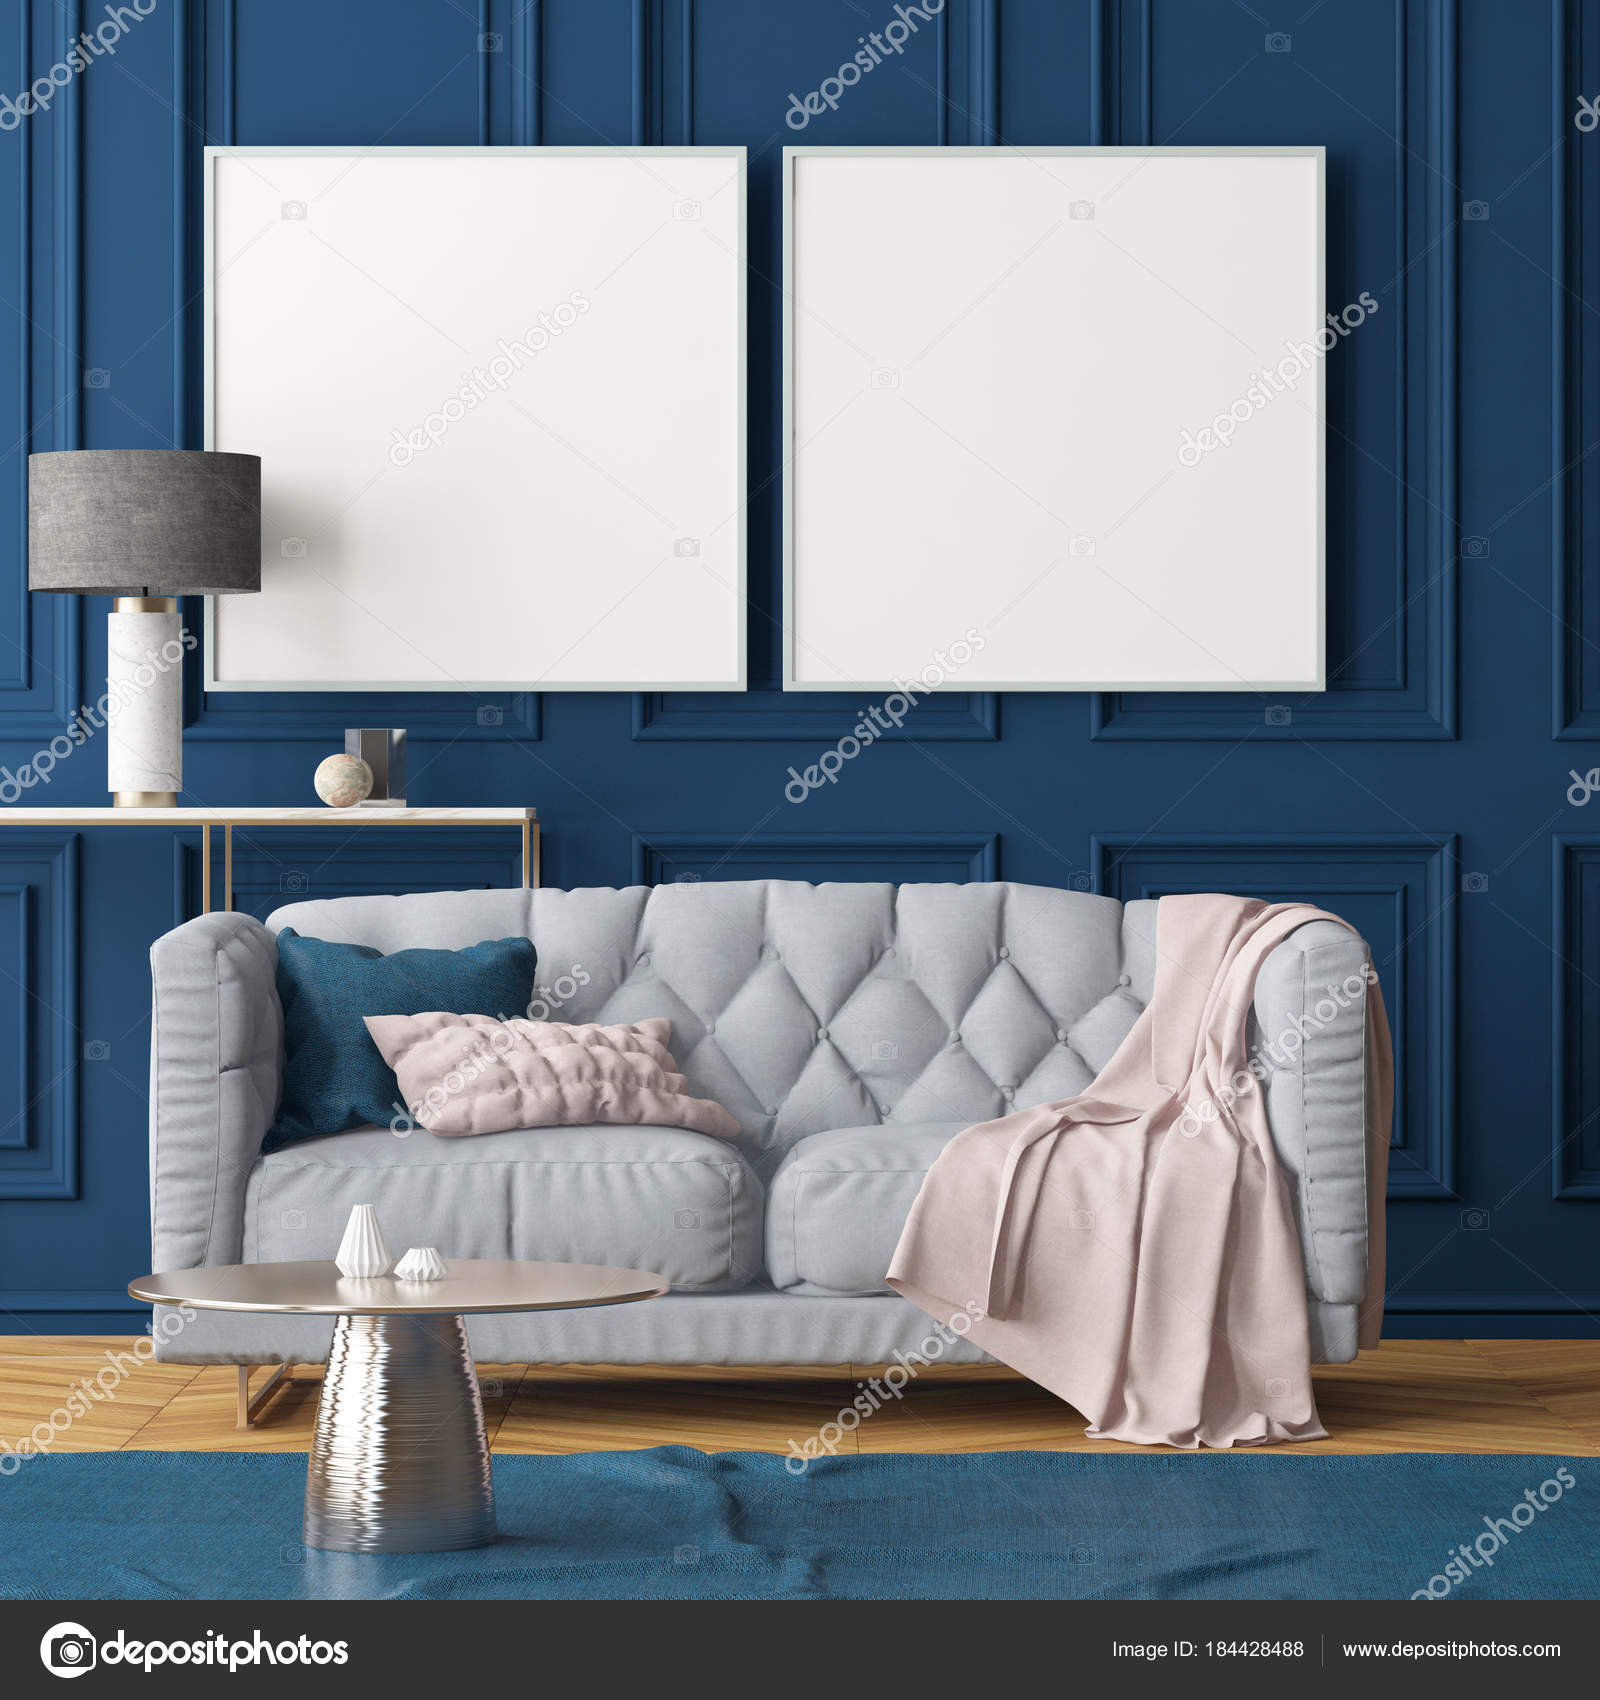 Woonkamer Modern Interieur Met Lege Frames Donker Blauwe Muur Bank ...